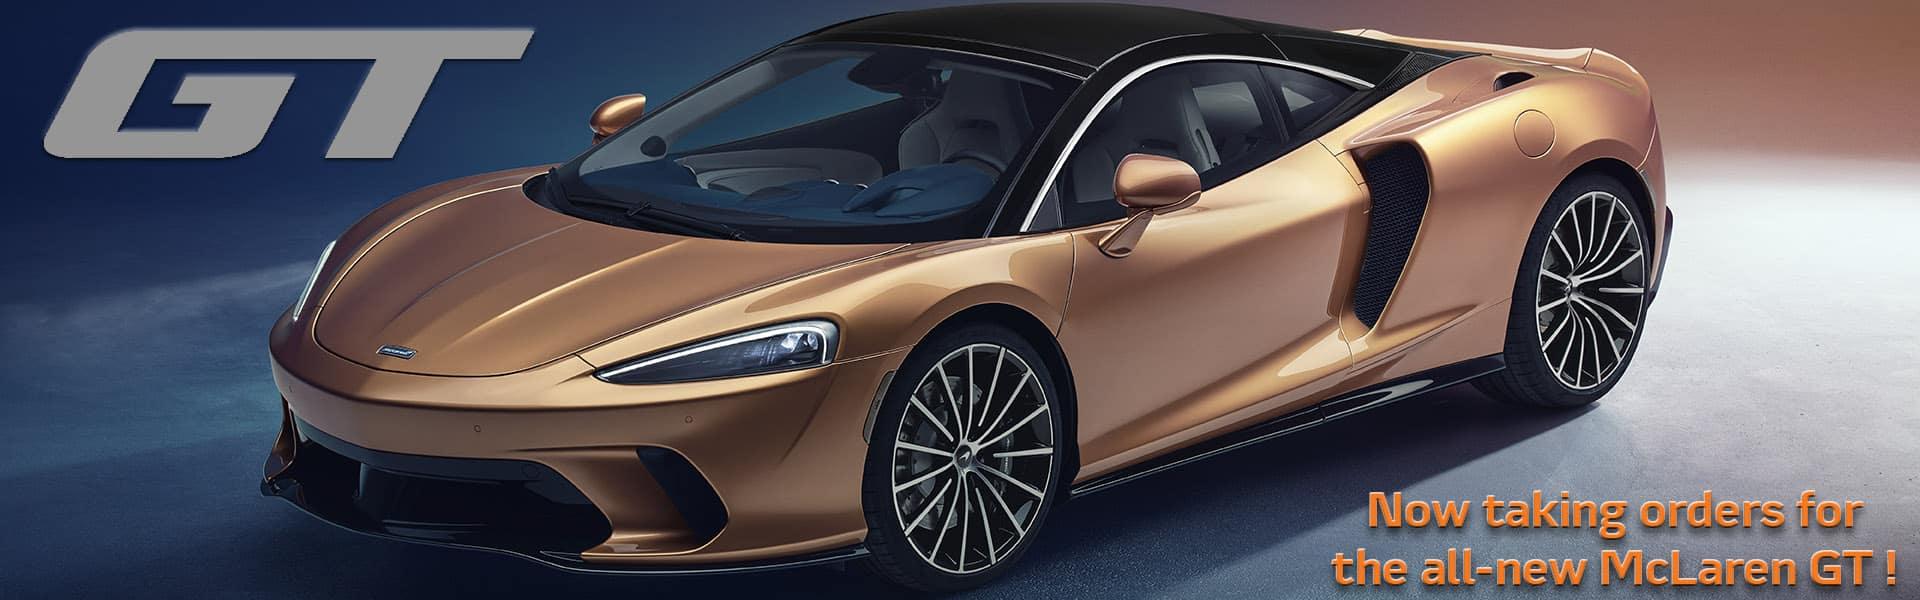 All-new 2020 McLaren GT